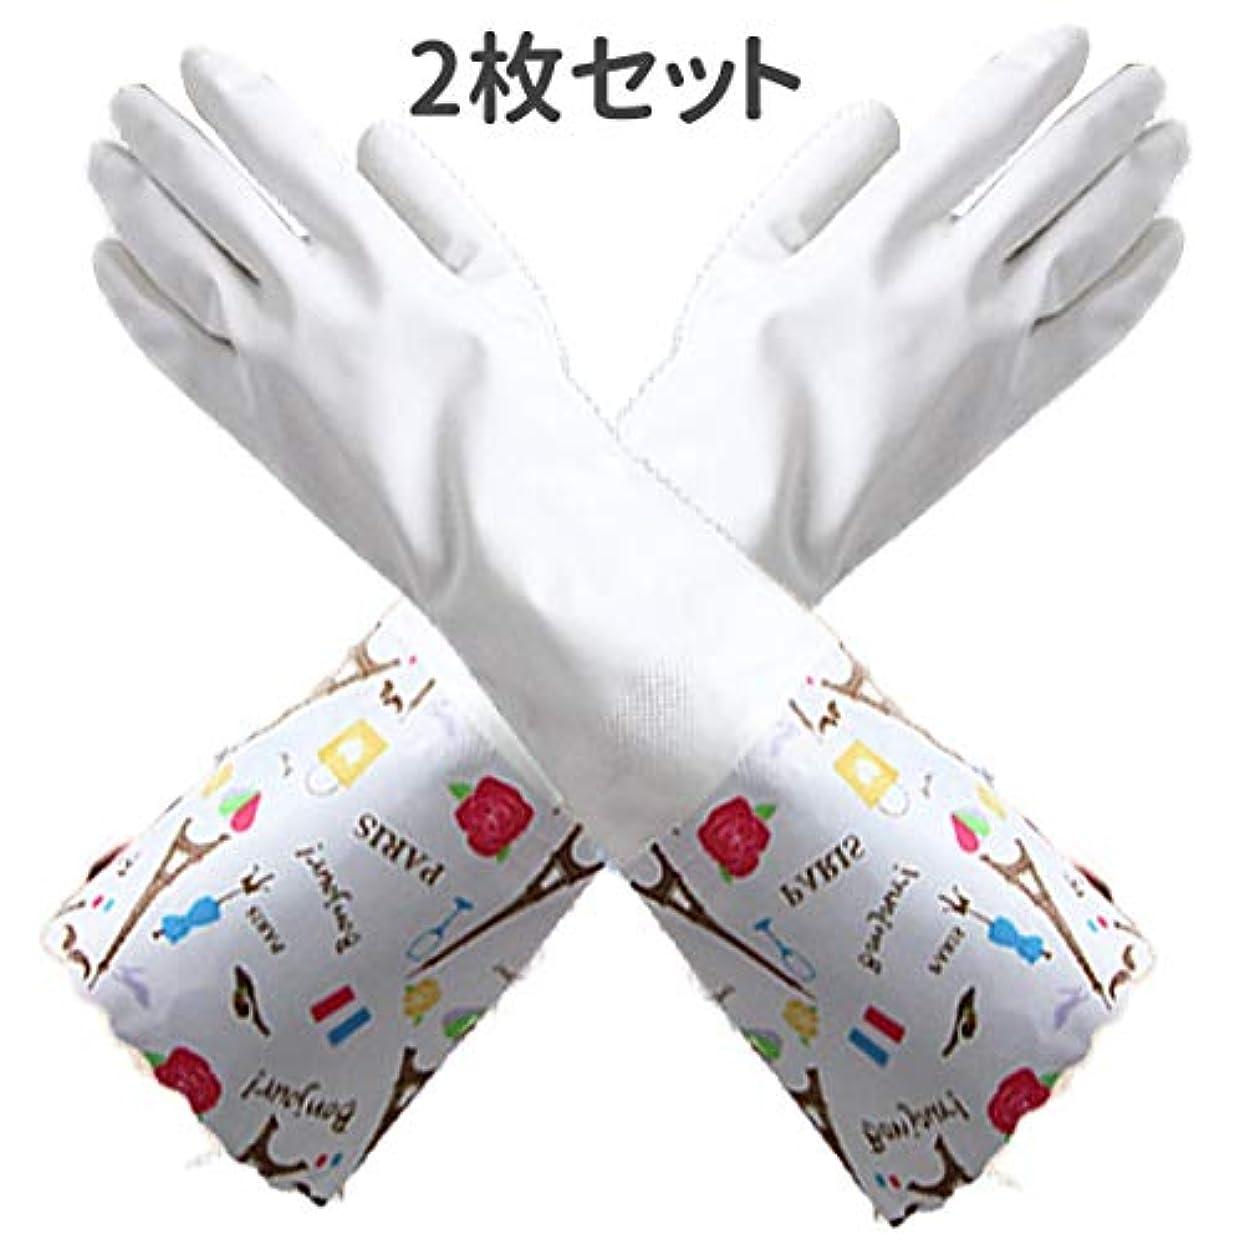 頑張るバインド不愉快にゴム手袋 左右2枚セット 洗い物 お風呂 車 掃除 介護 ペット のお世話 排水溝 や 作業 用 可愛い手袋 【LSU】 (ホワイト)